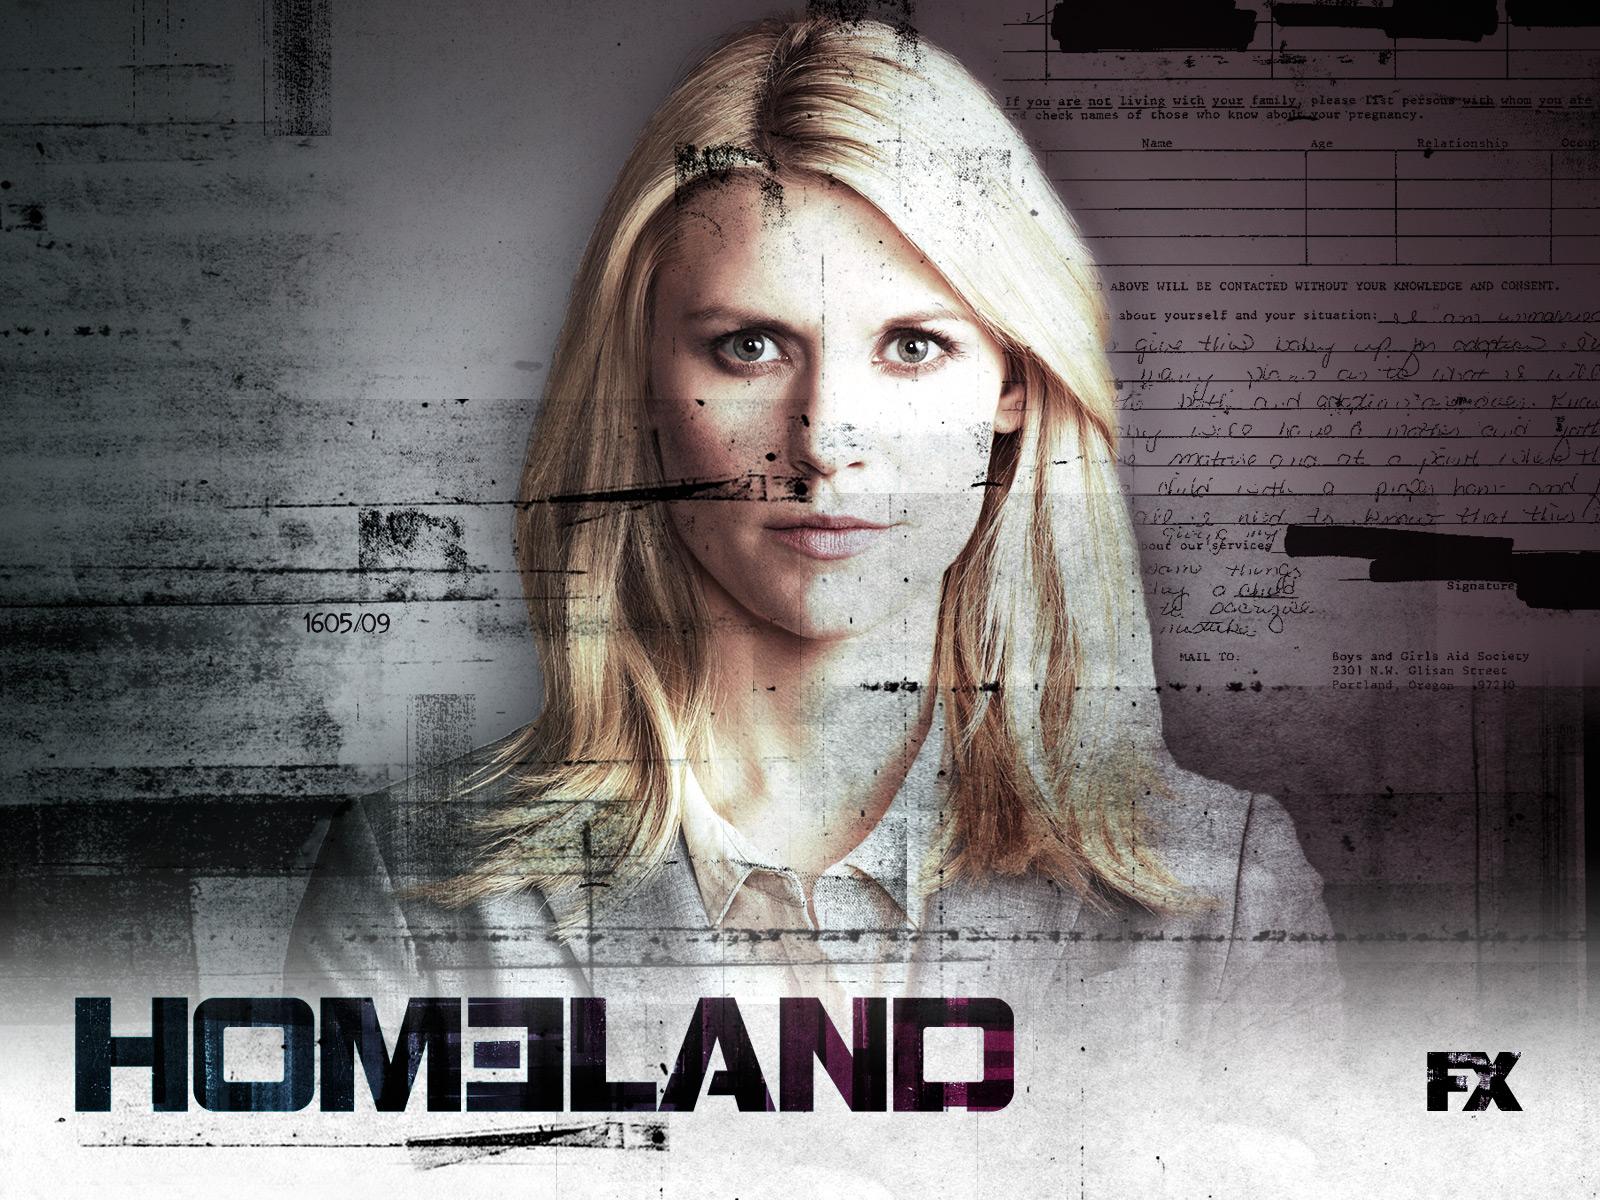 Homeland wallpaper 6